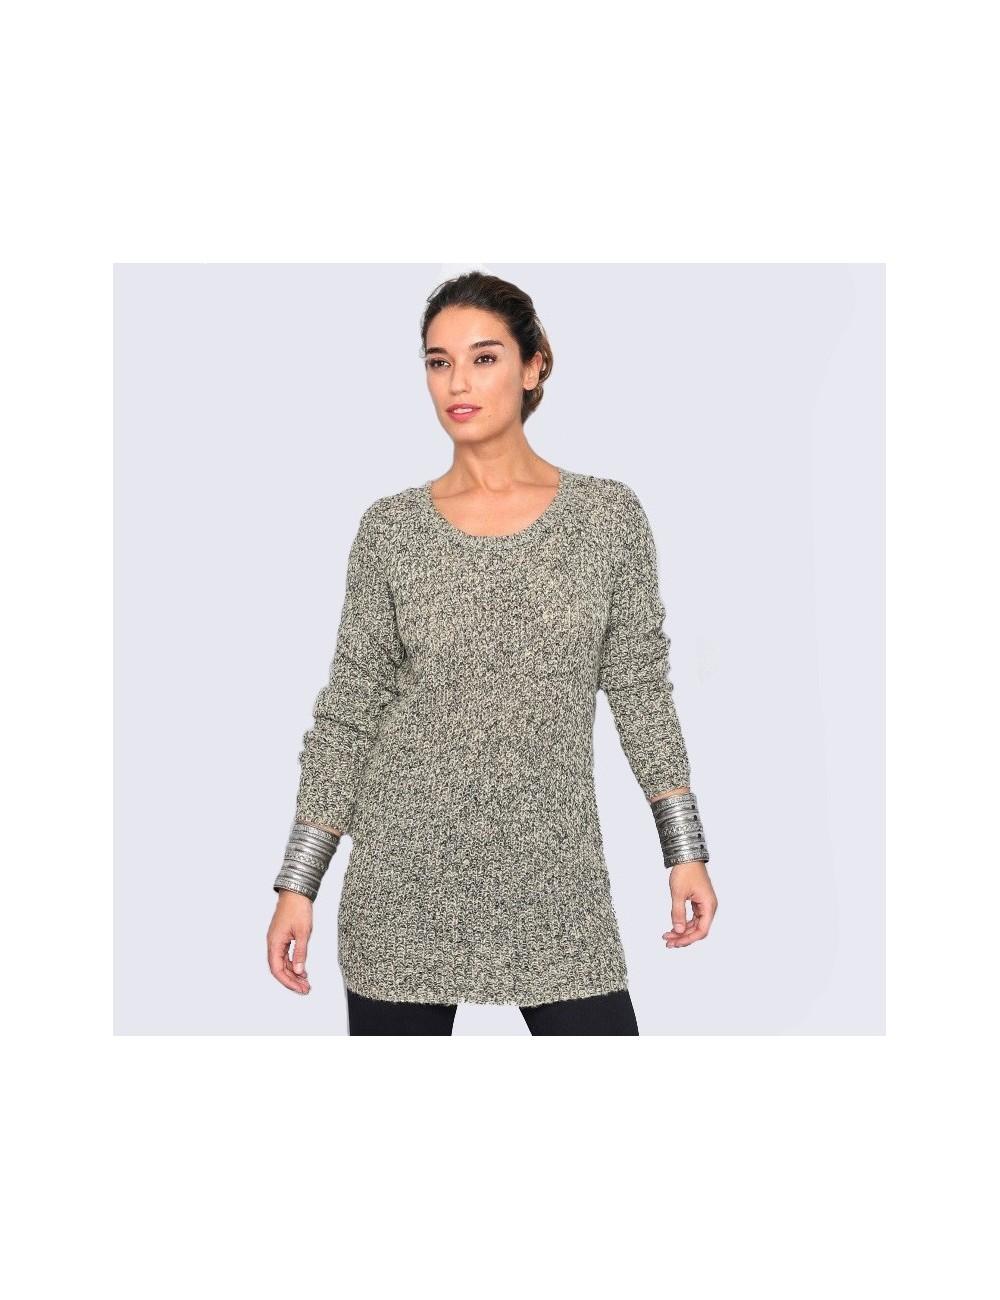 Pulover femei, lung, mohair cu fir argintiu, M - XL